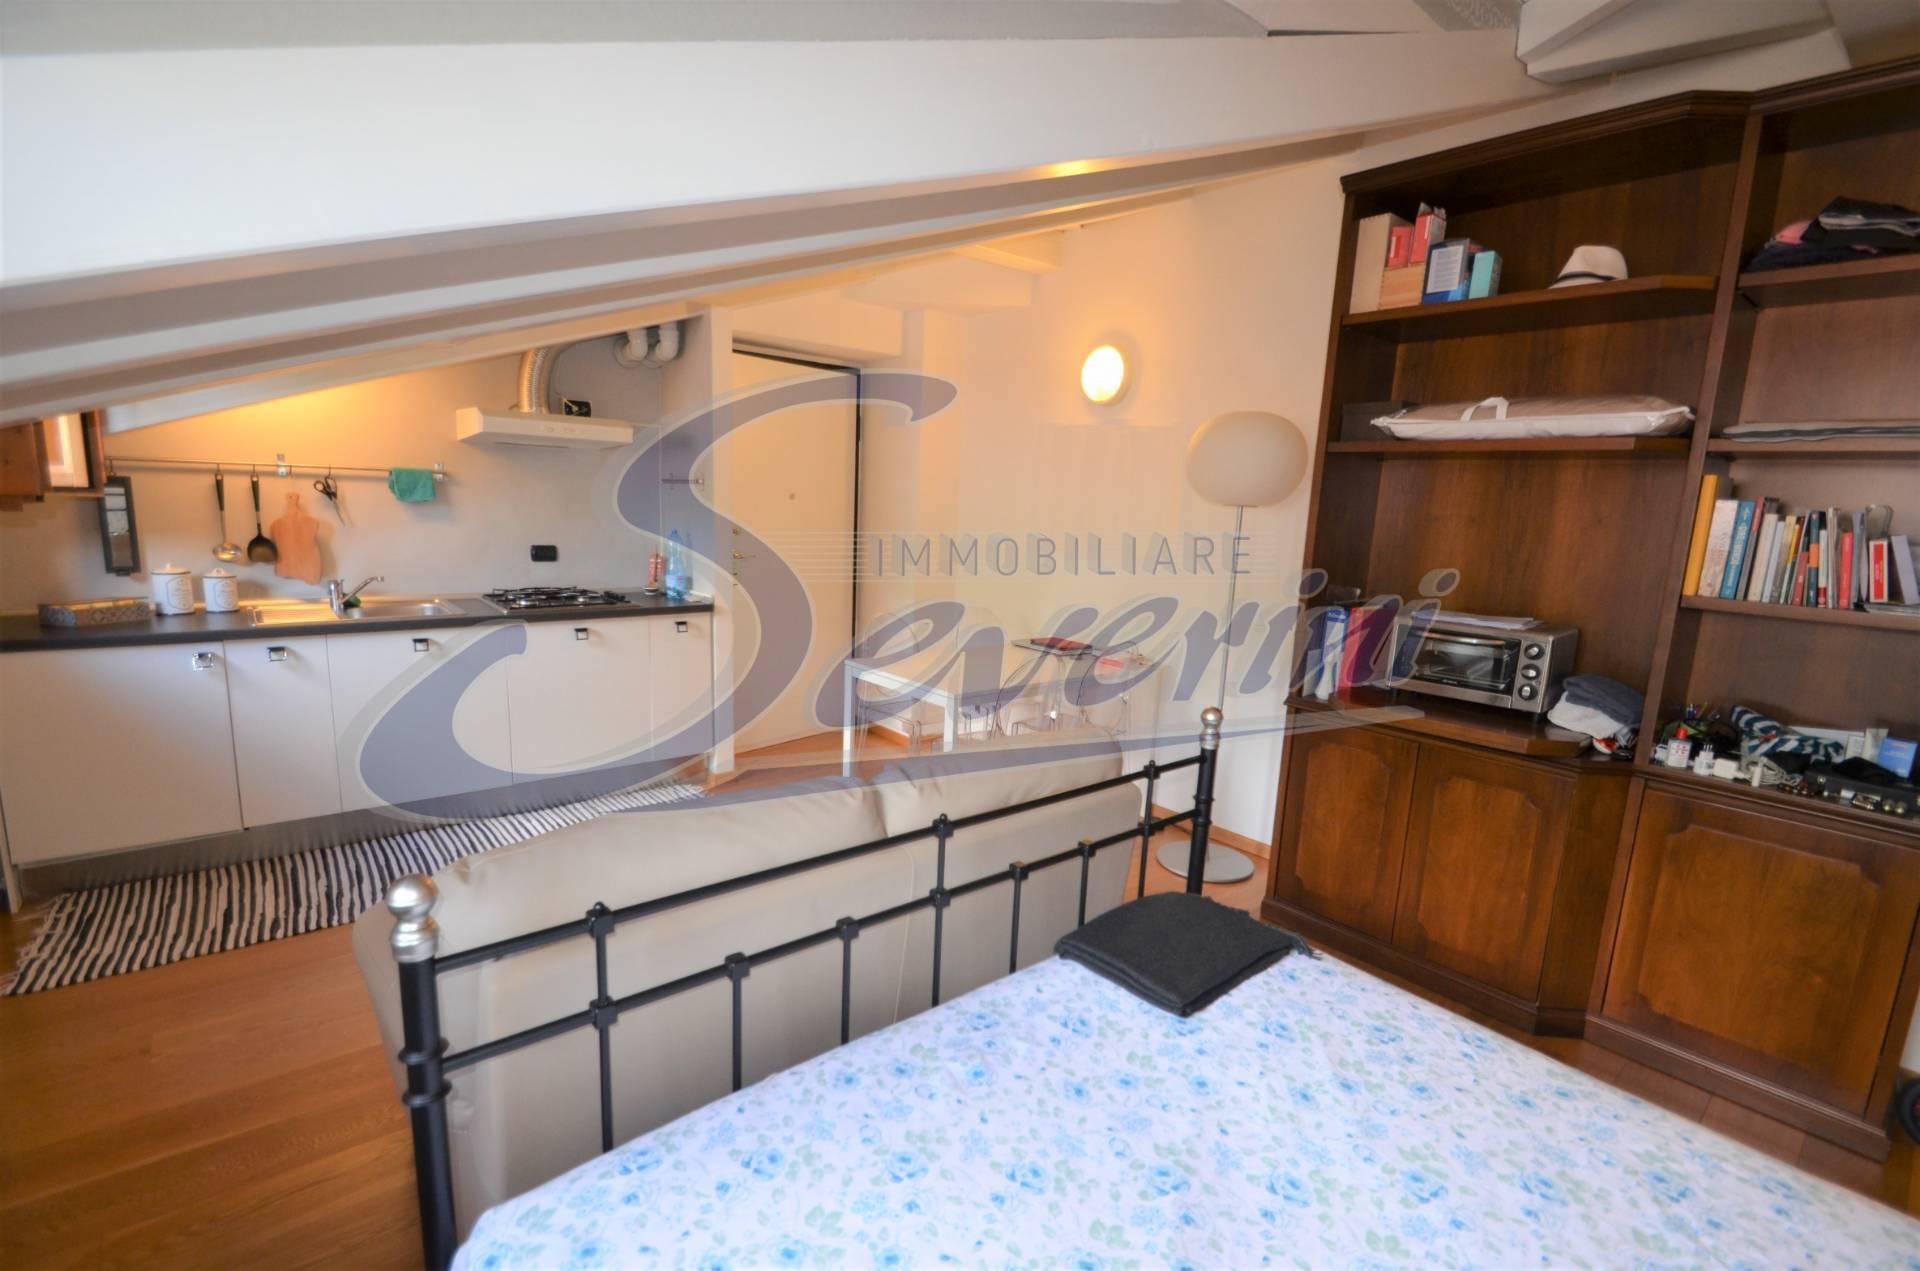 Appartamento in affitto a Como, 1 locali, zona Località: CentroStorico, prezzo € 700   PortaleAgenzieImmobiliari.it